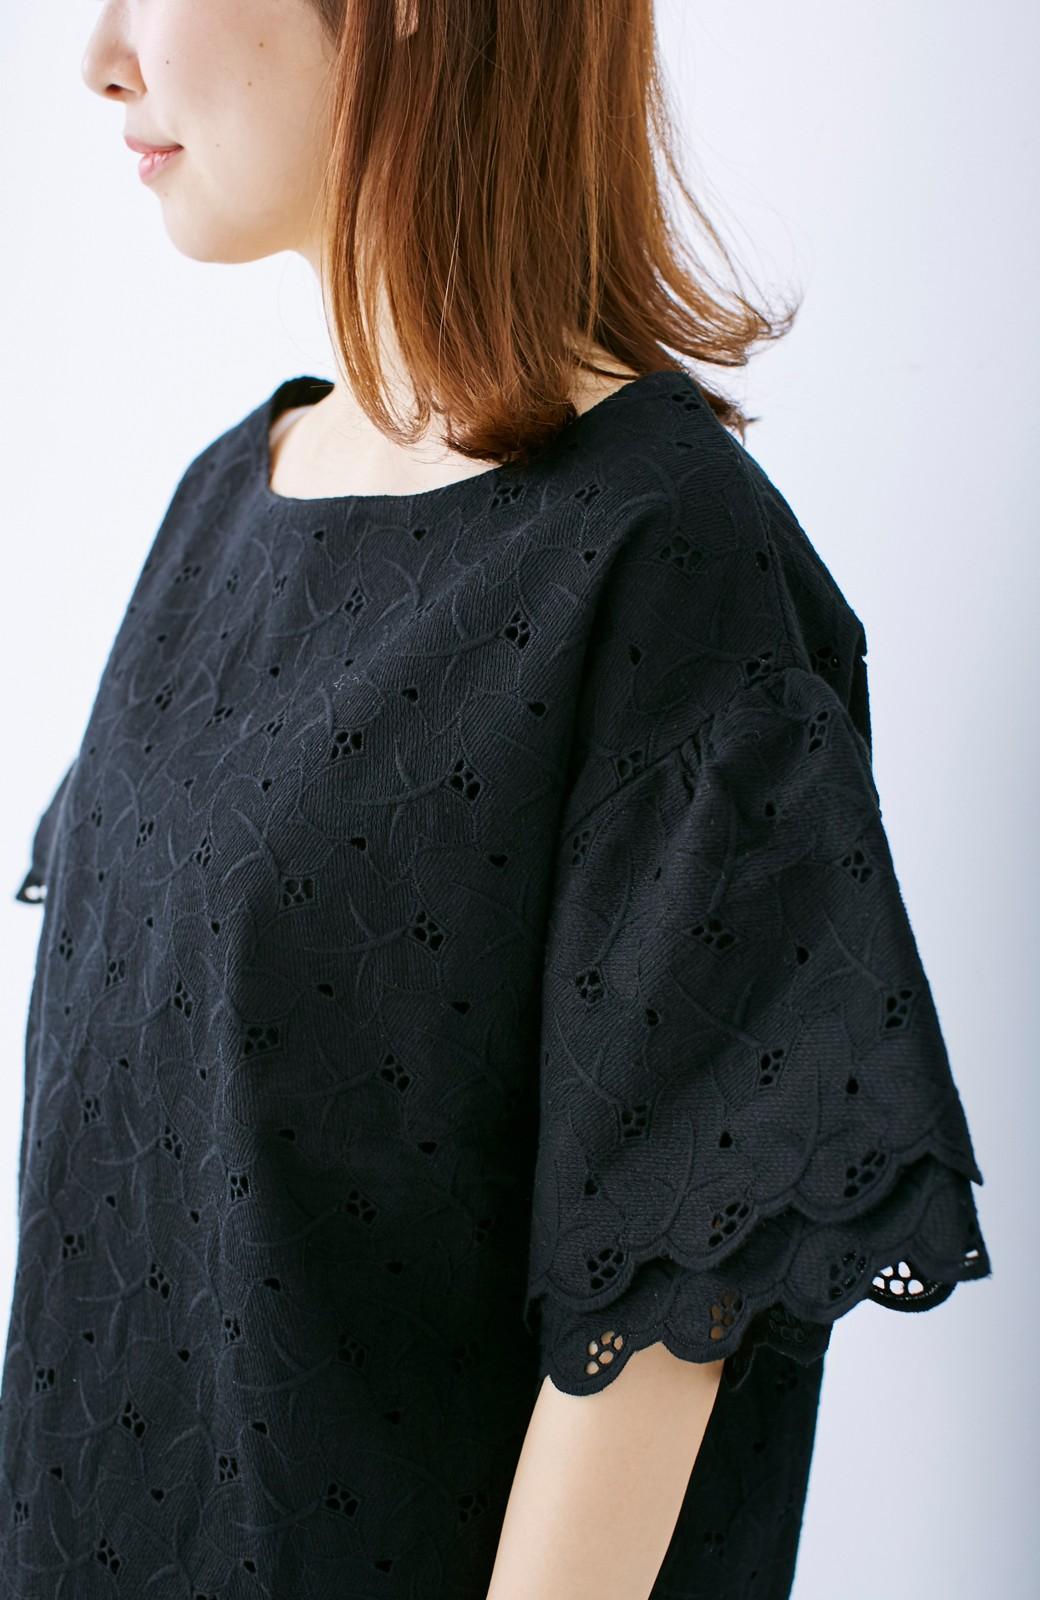 エムトロワ Tシャツ感覚で着られる フラワーレースのティアードスリーブトップス <ブラック>の商品写真10